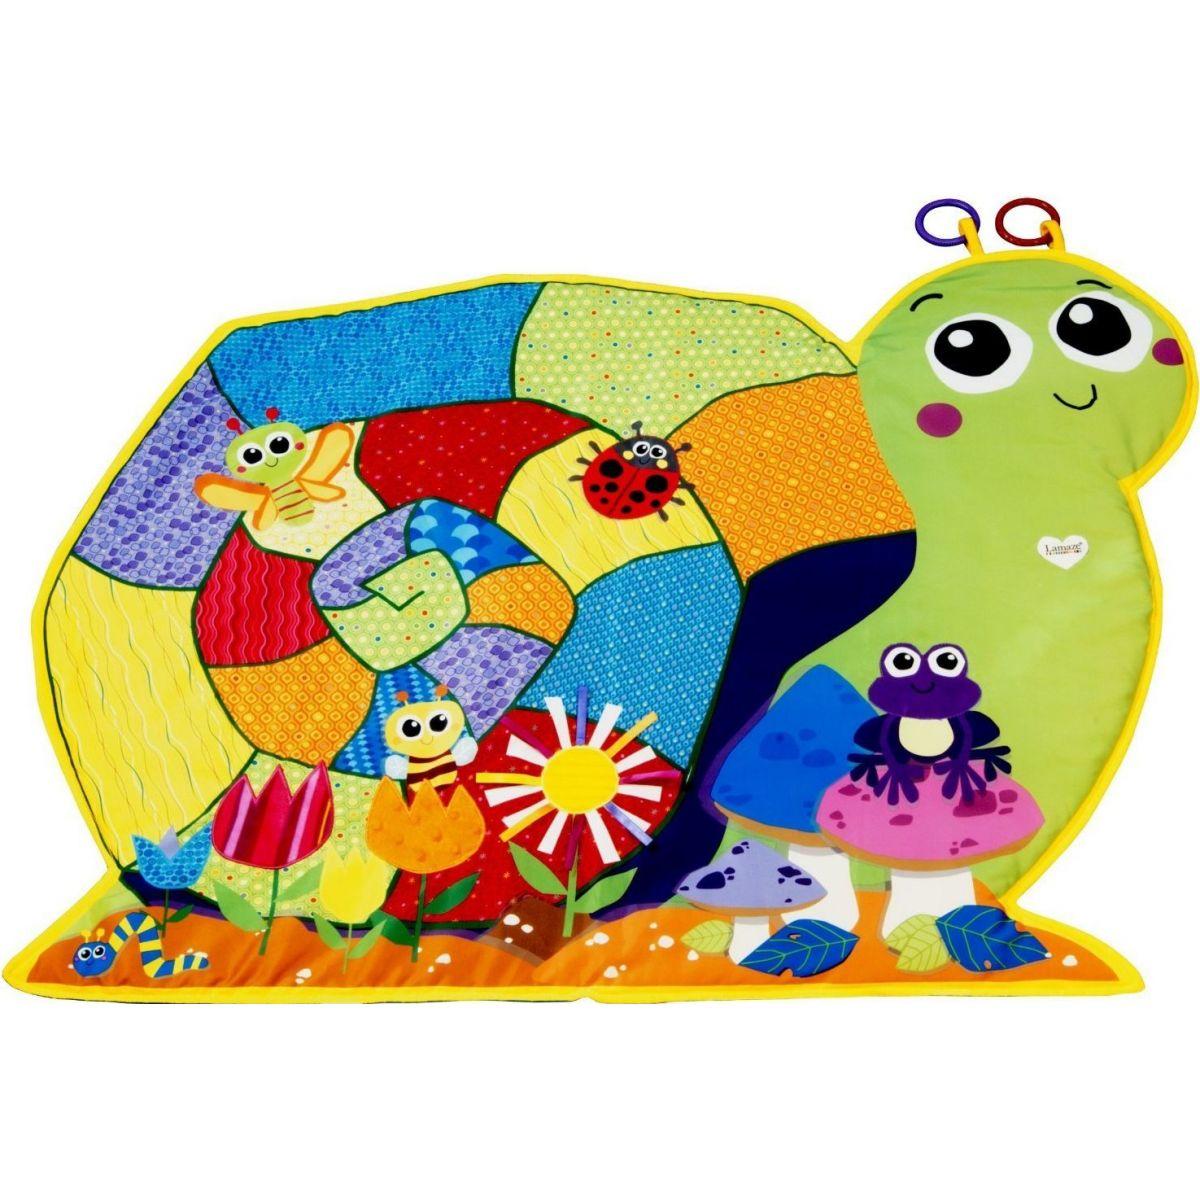 Lamaze hrací podložka Šnek